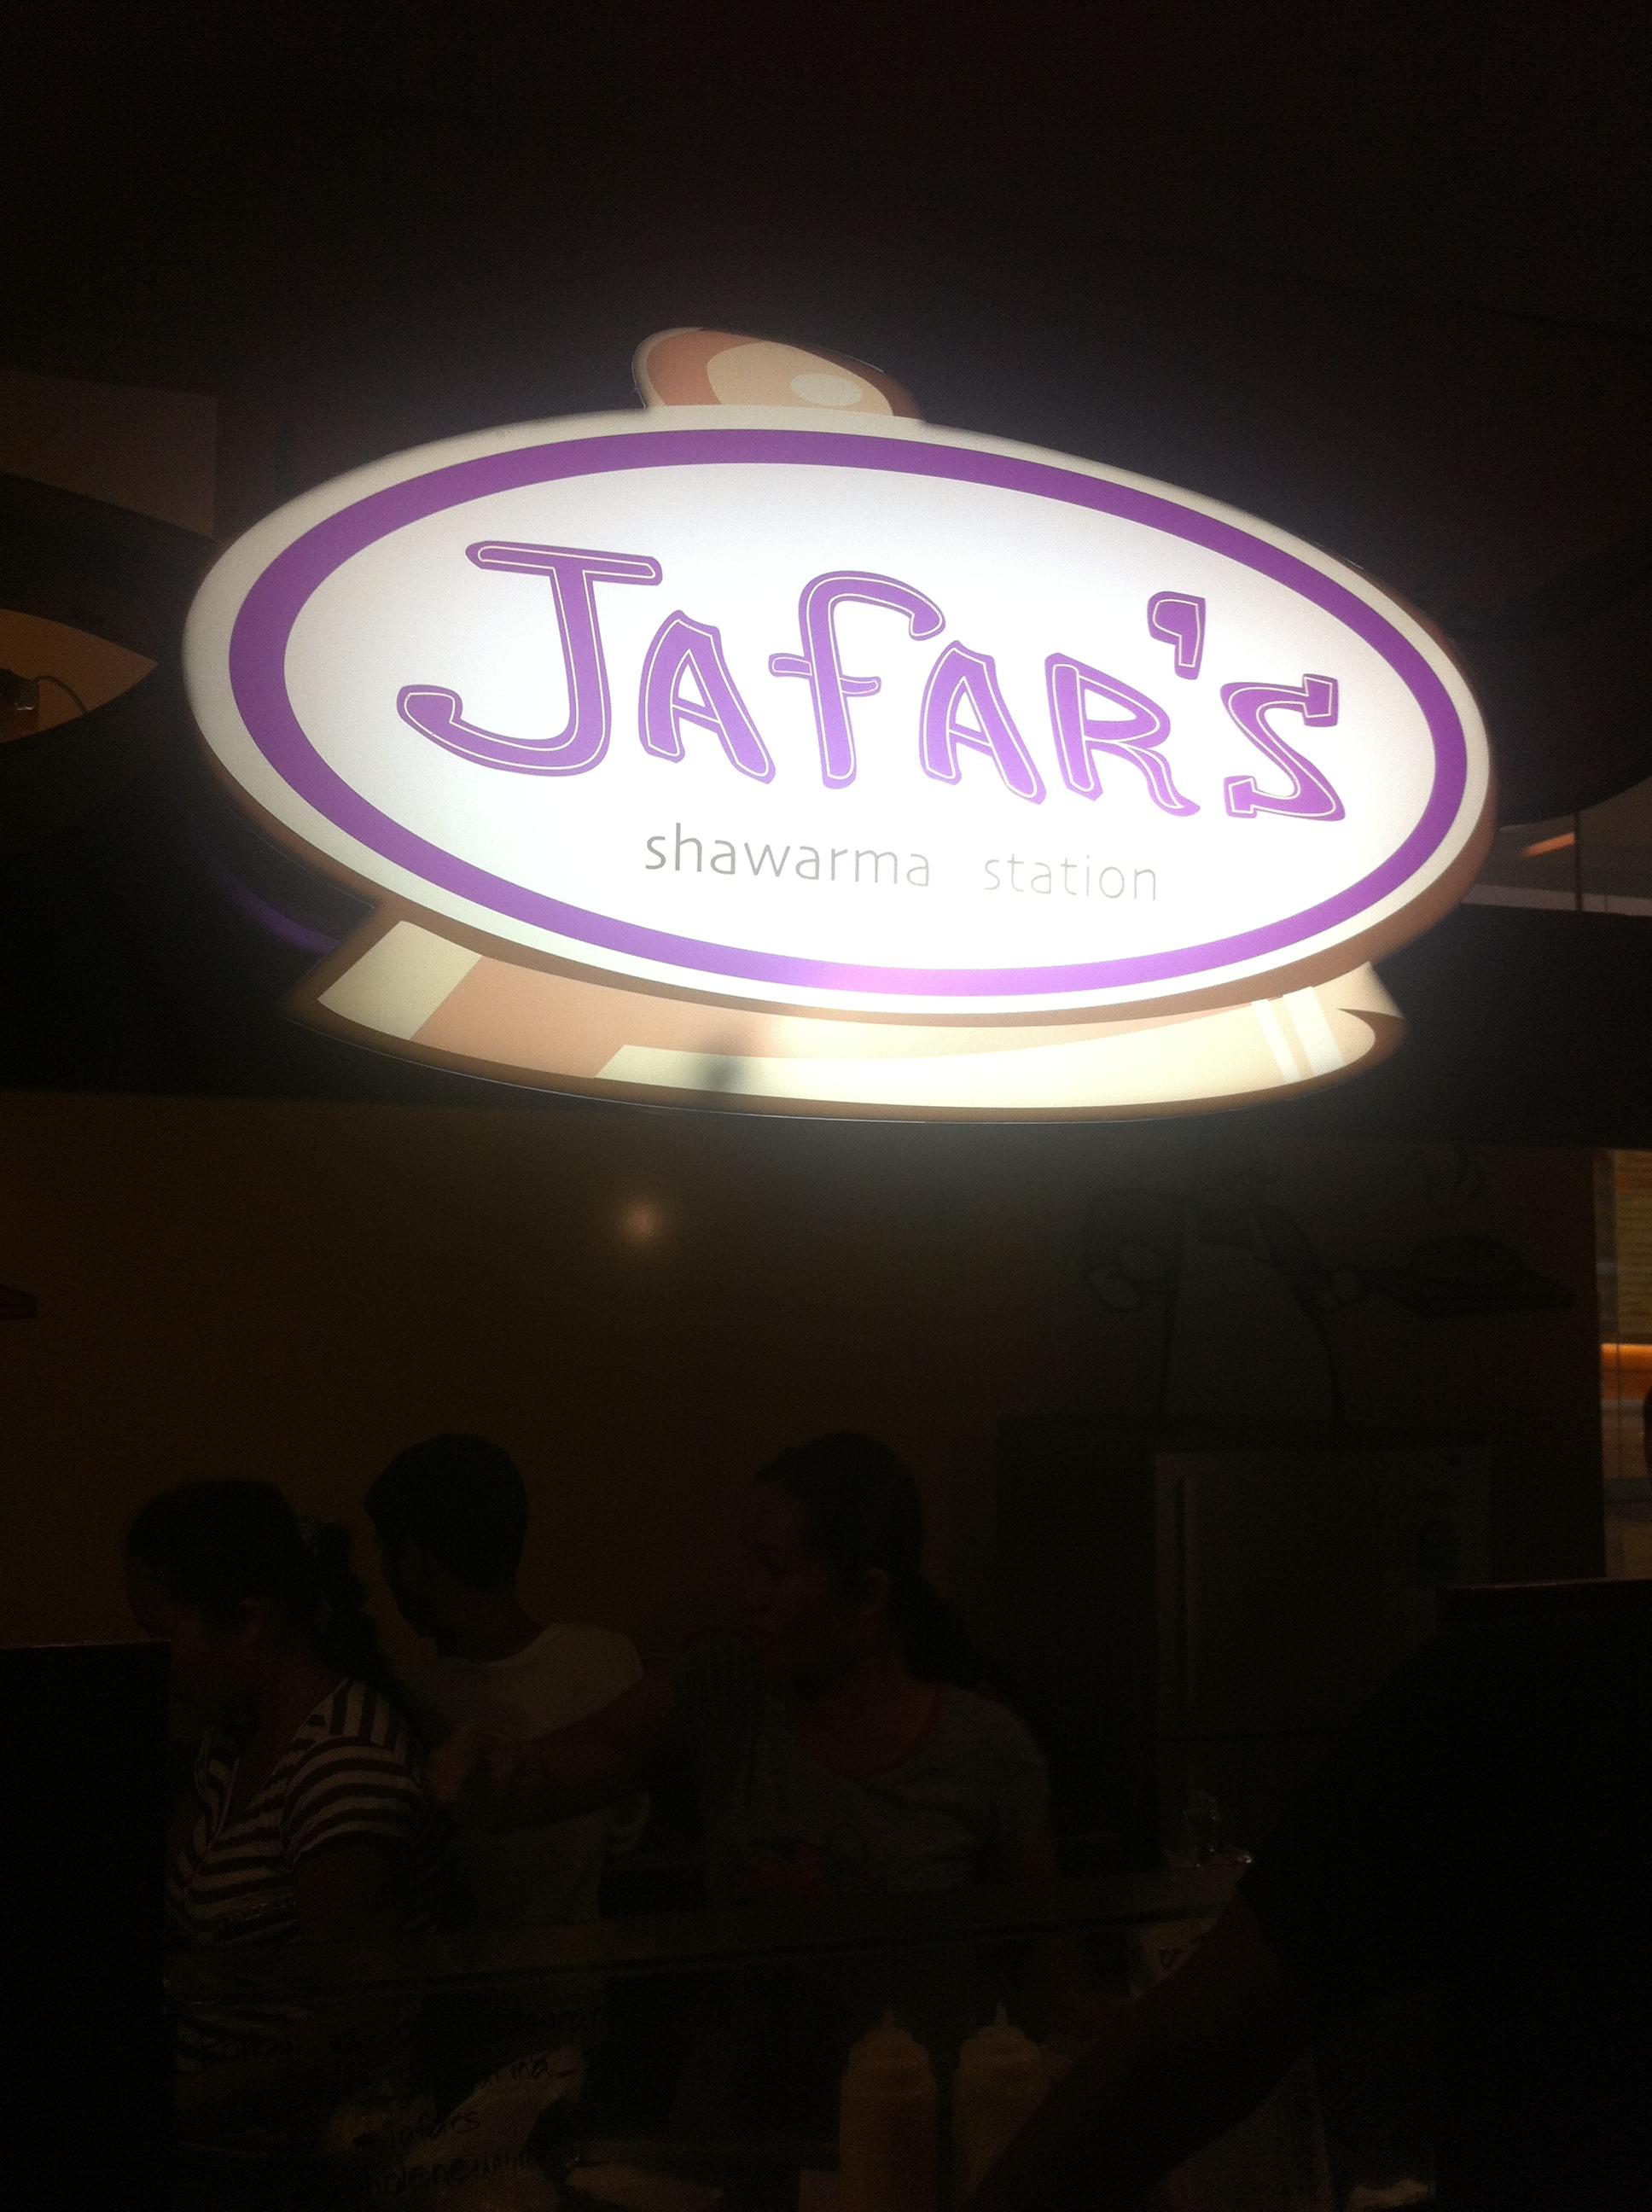 #AWholeNewWrap: Jafar's Shawarma Station